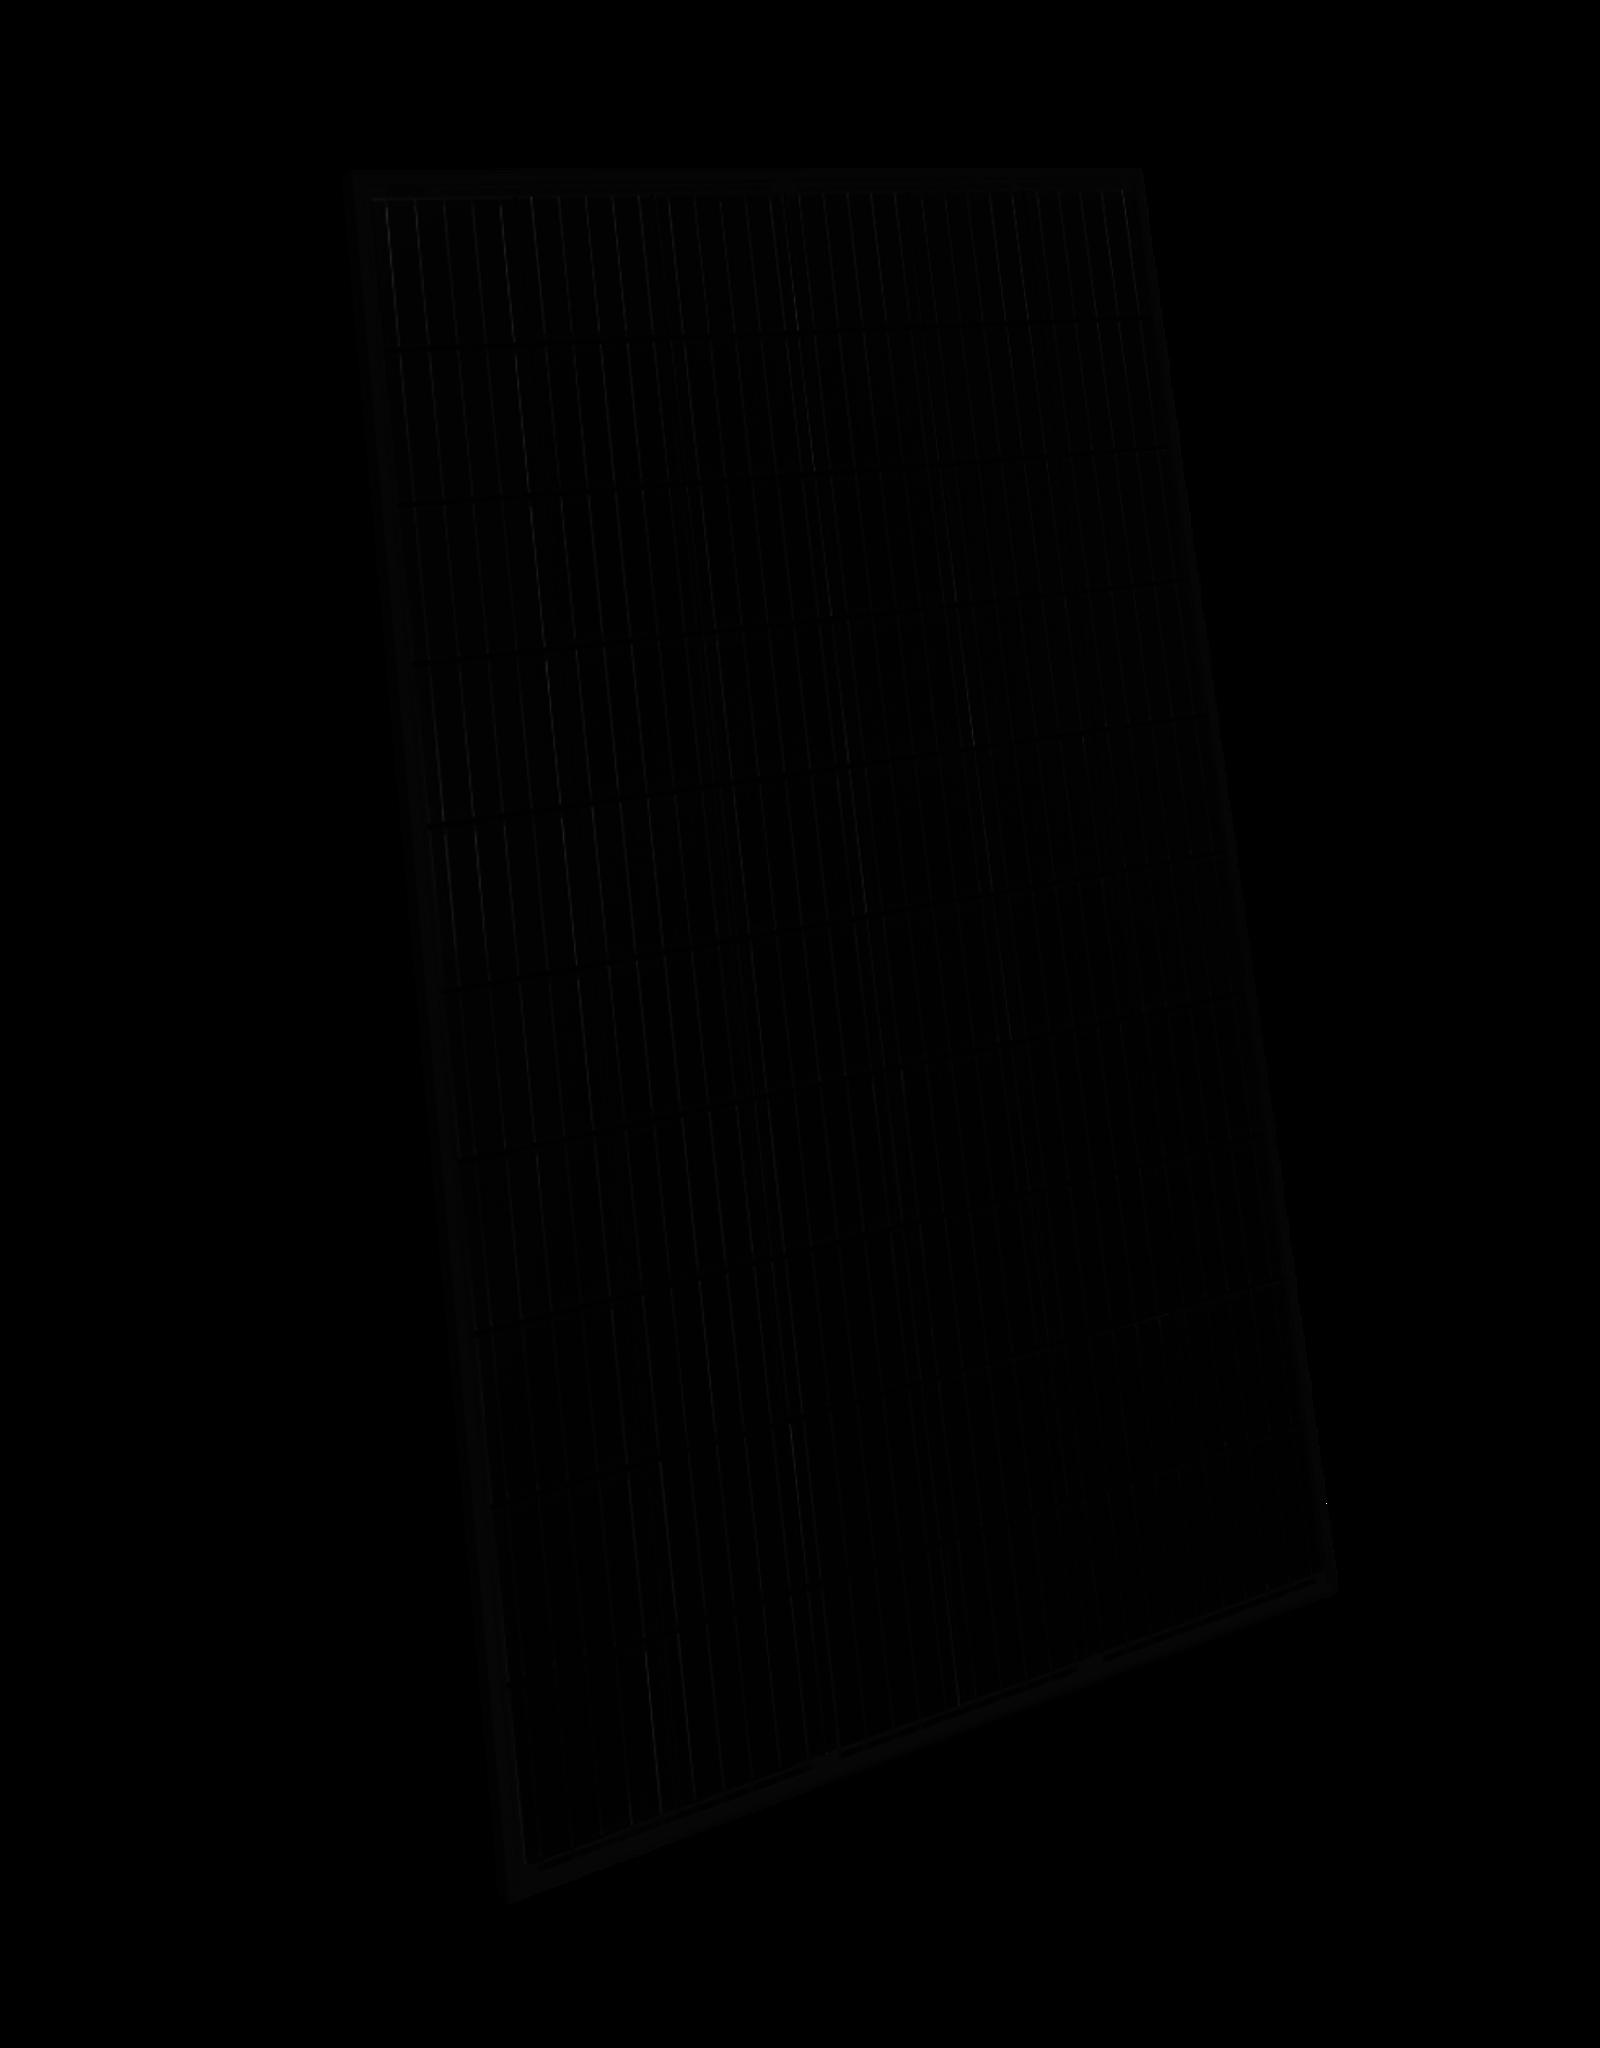 Pakket voor zelfinstallatie Pakket met 15 Jinko Solar monokristallijne Full Black panelen, SolarEdge omvormer en Esdec Clickfit EVO montagematerialen